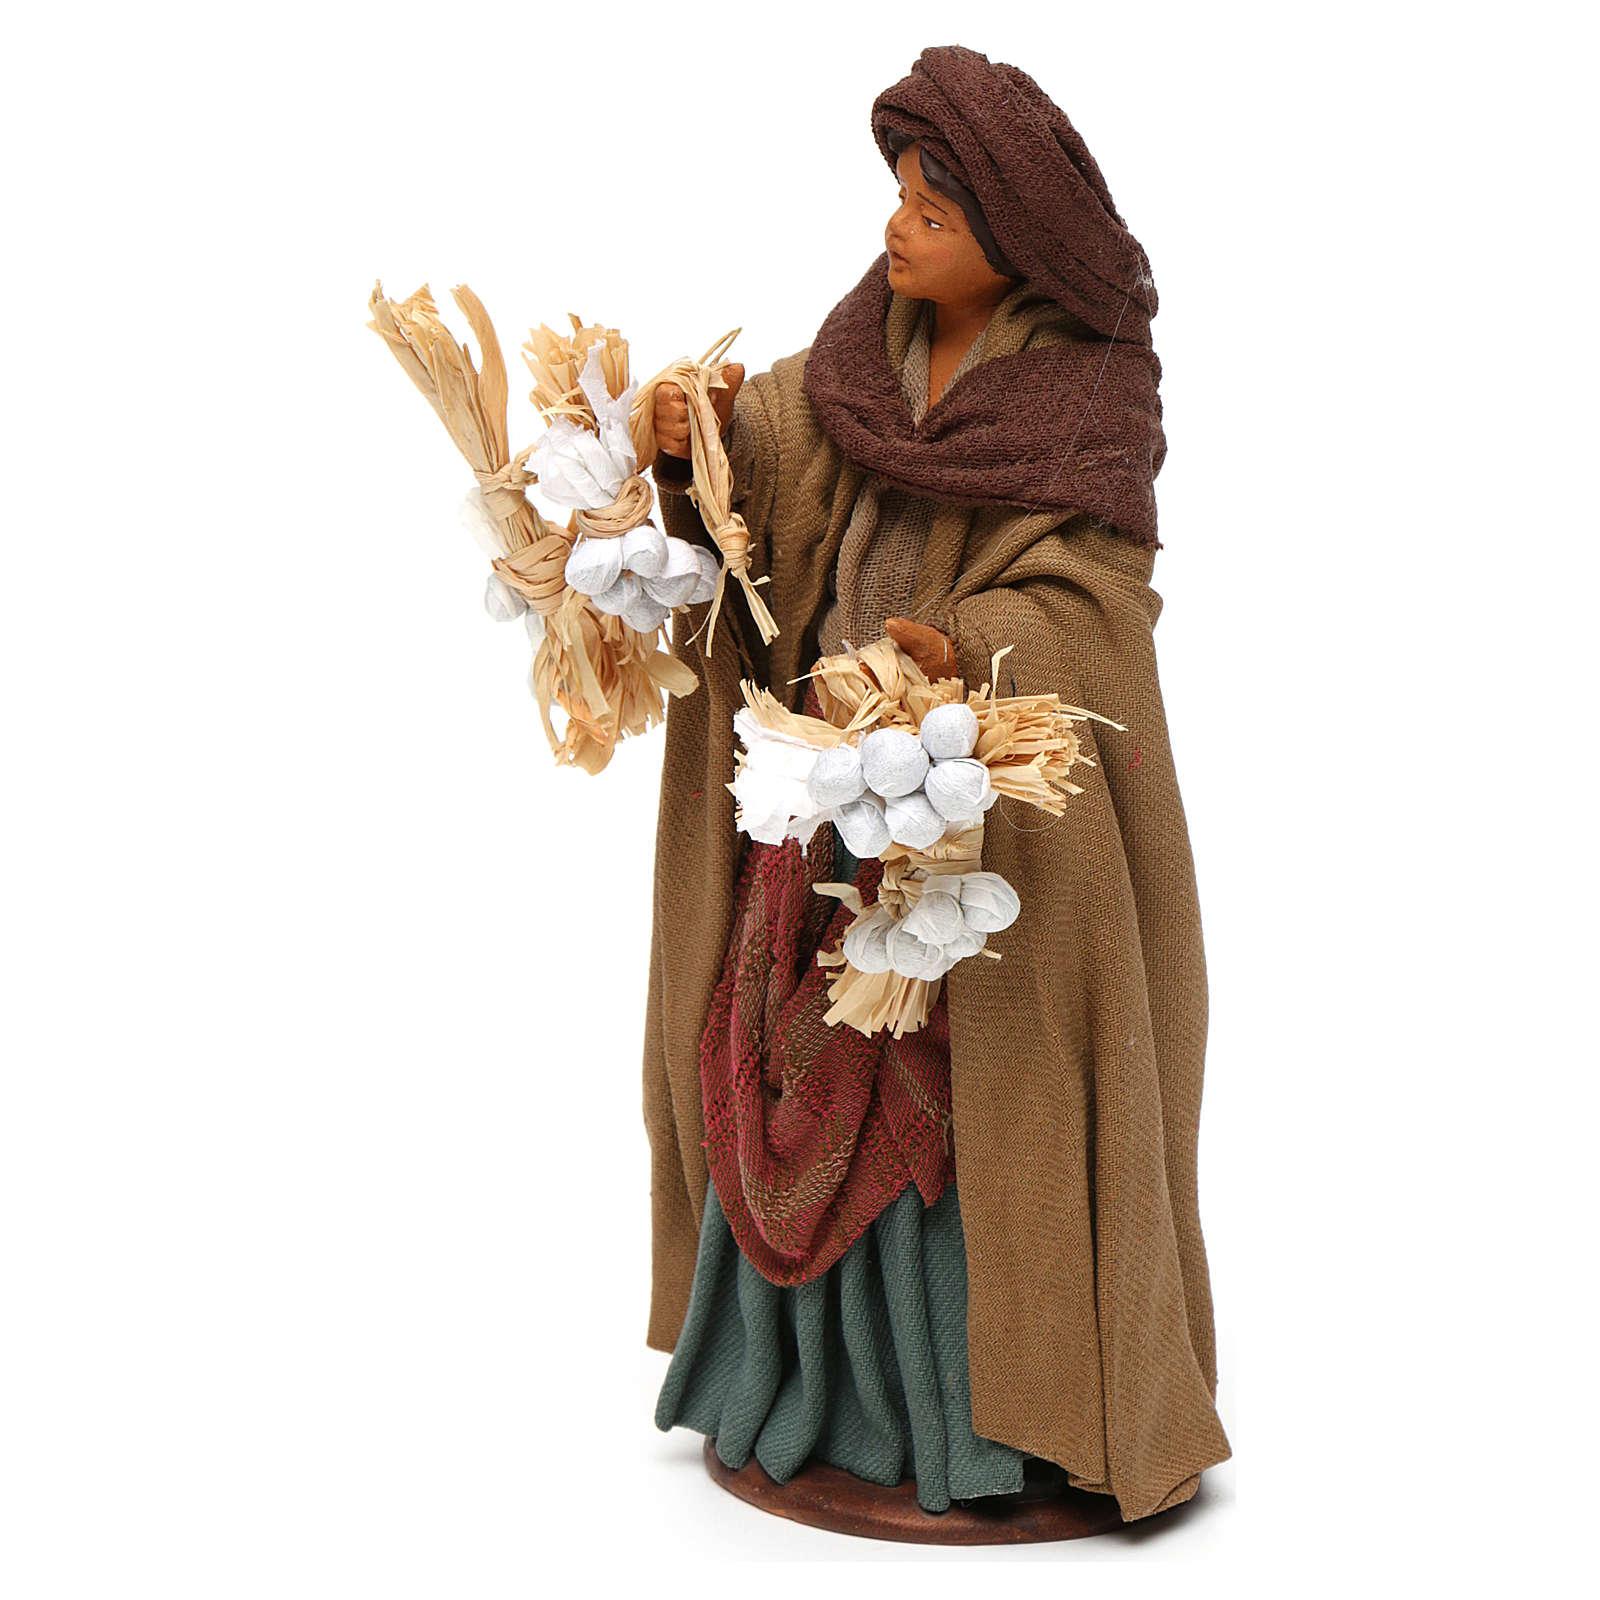 Donna ceppi aglio in mano 14 cm presepe napoletano 4